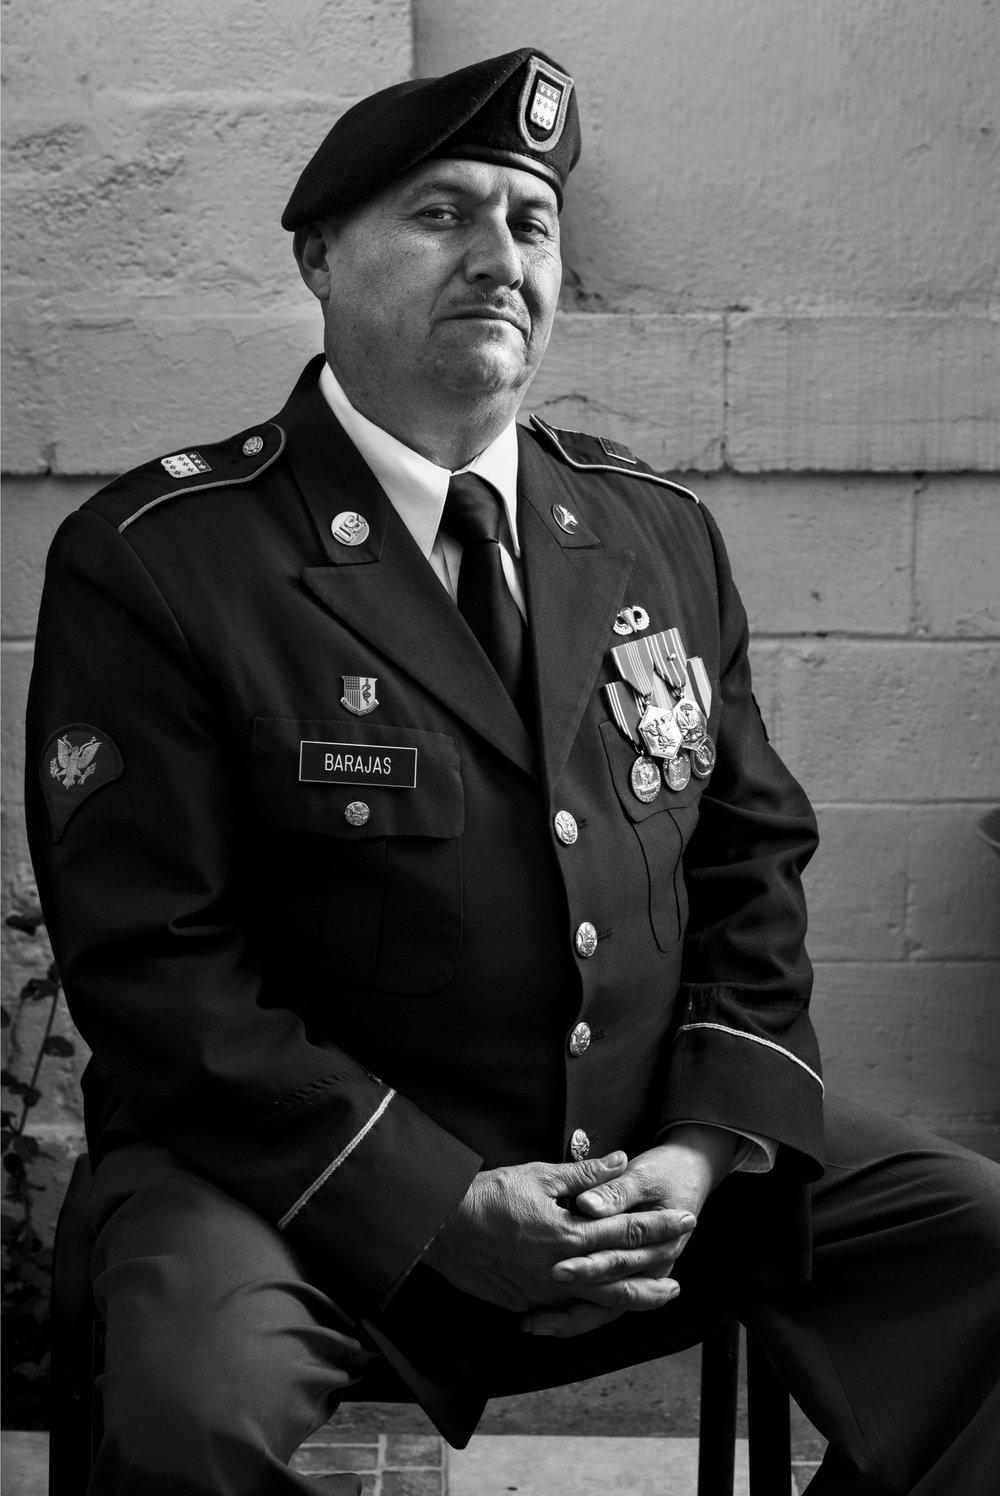 Hector Barajah